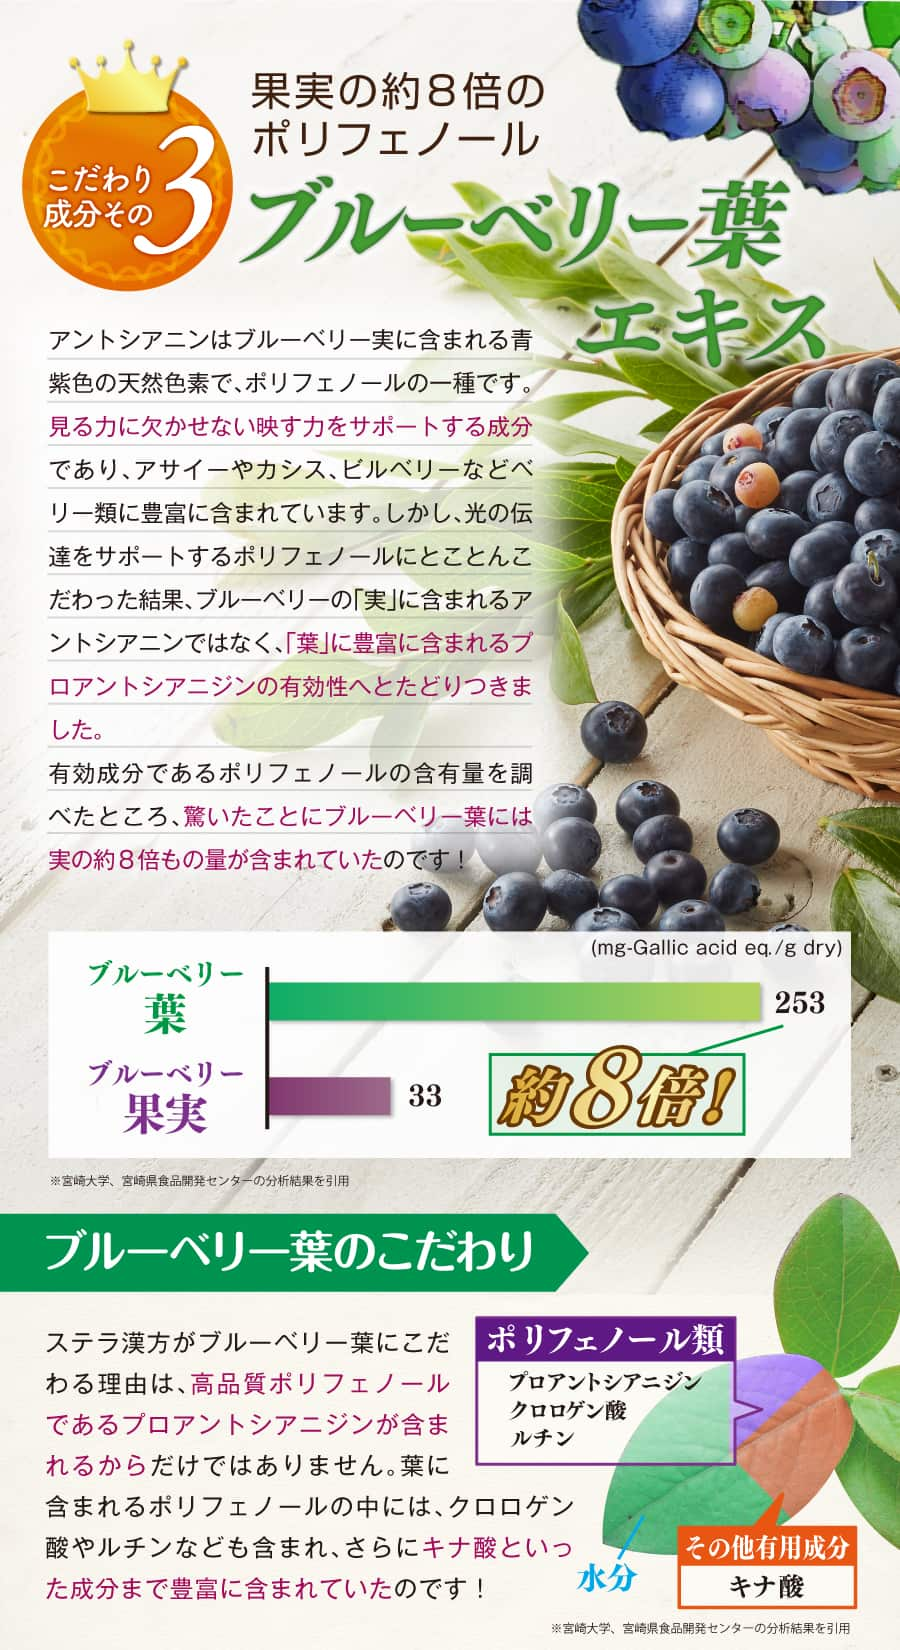 果実の約8倍のポリフェノール量ブルーベリー葉エキス。ブルーベリーの有効成分プロアントシアニジンを配合しているので効果抜群。